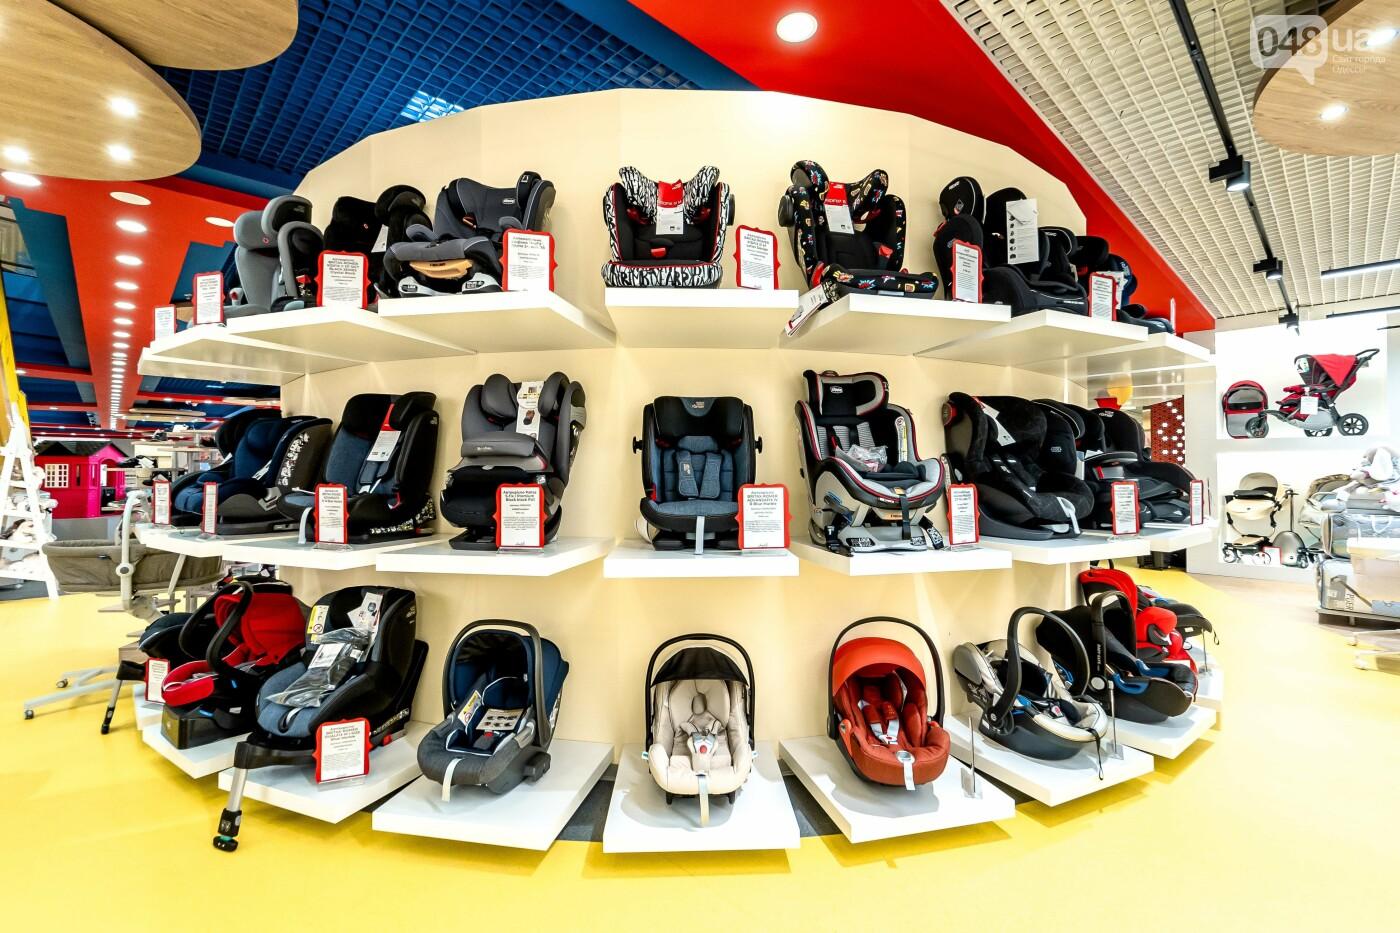 Крупнейший супермаркет детских товаров Amador запустил бесплатную доставку до дверей, фото-3